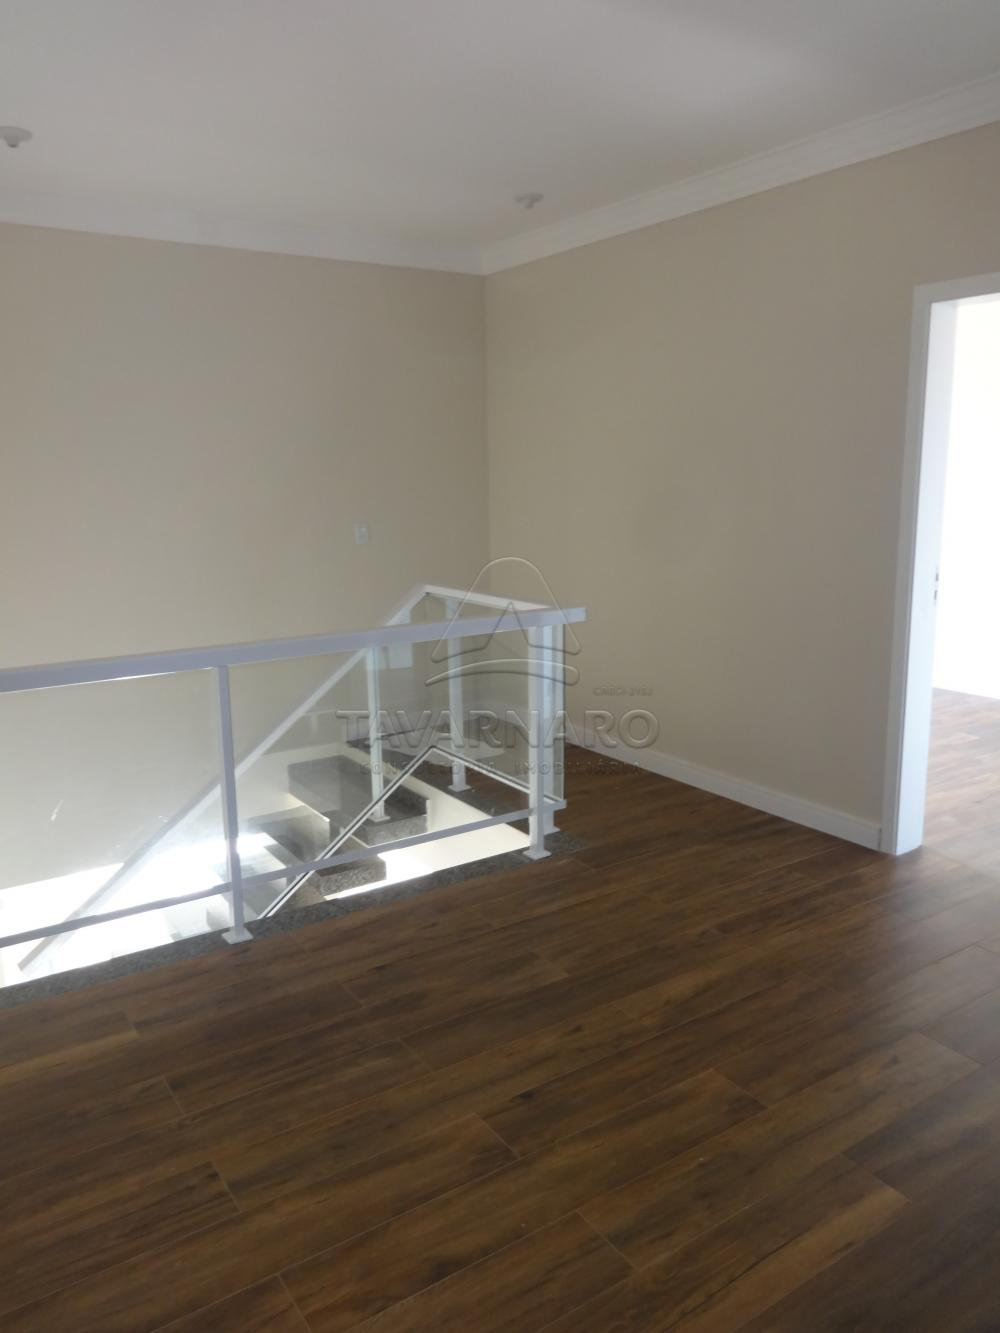 Alugar Casa / Sobrado em Ponta Grossa apenas R$ 2.100,00 - Foto 20